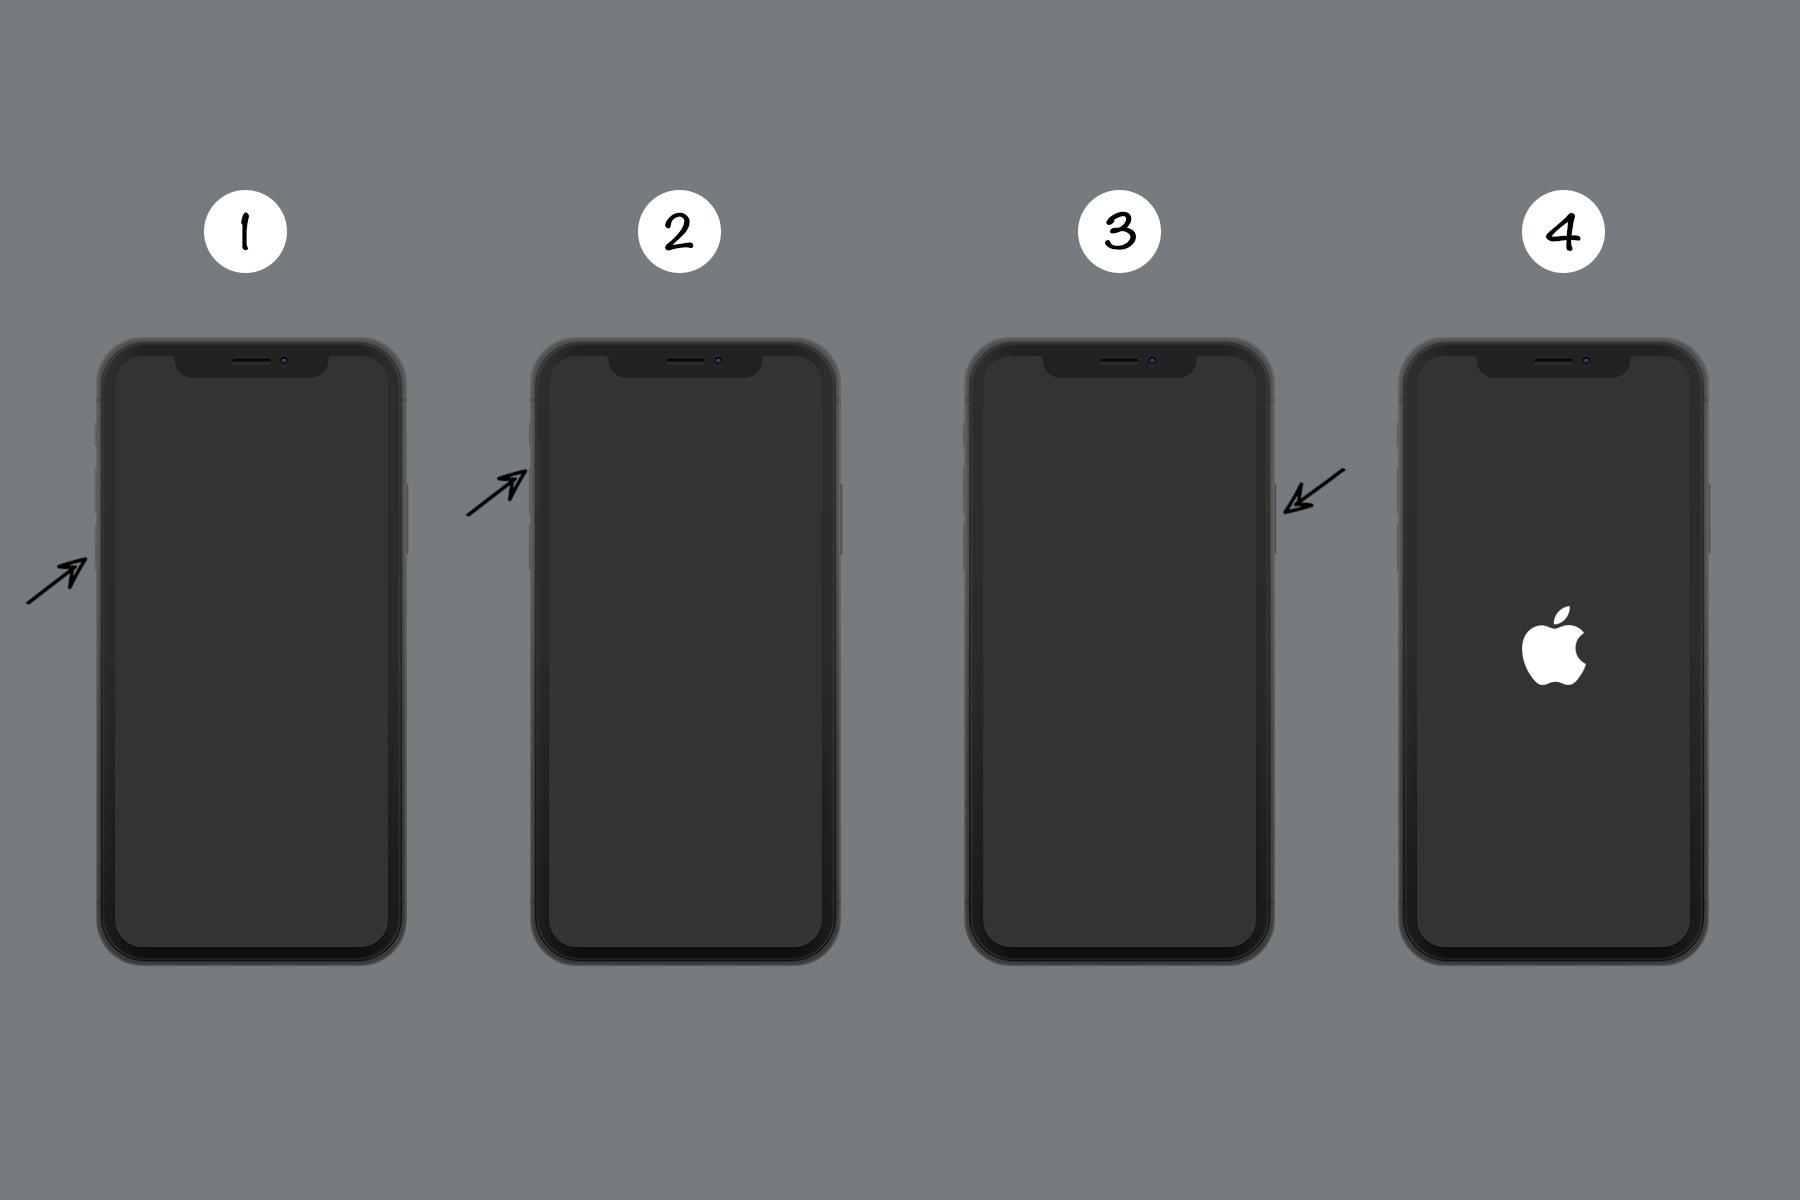 Làm thế nào để khởi động lại các thiết bị iPhone/iPad